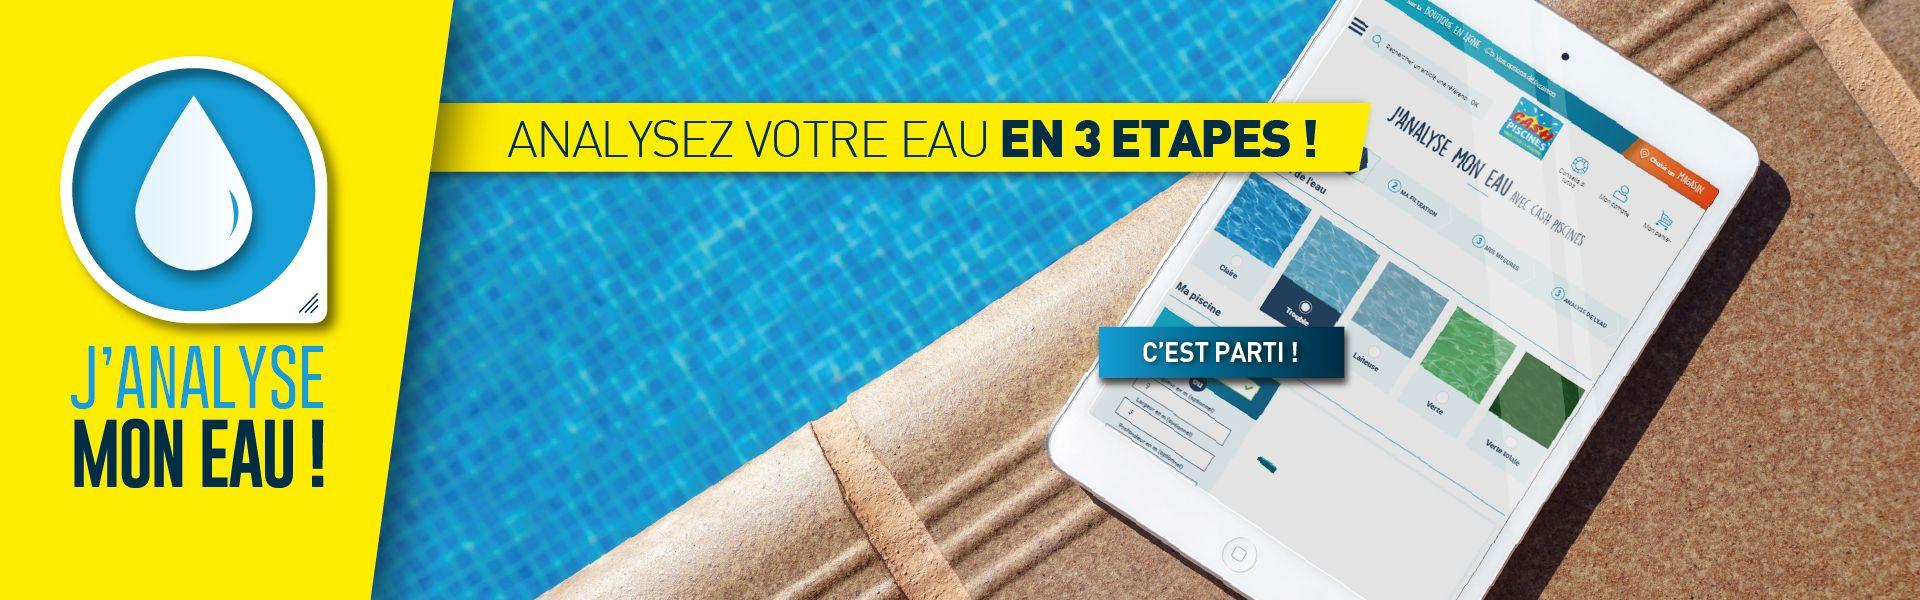 Cash Piscines - Tout Pour La Piscine & Spas Gonflables ... concernant Cash Piscine Manosque